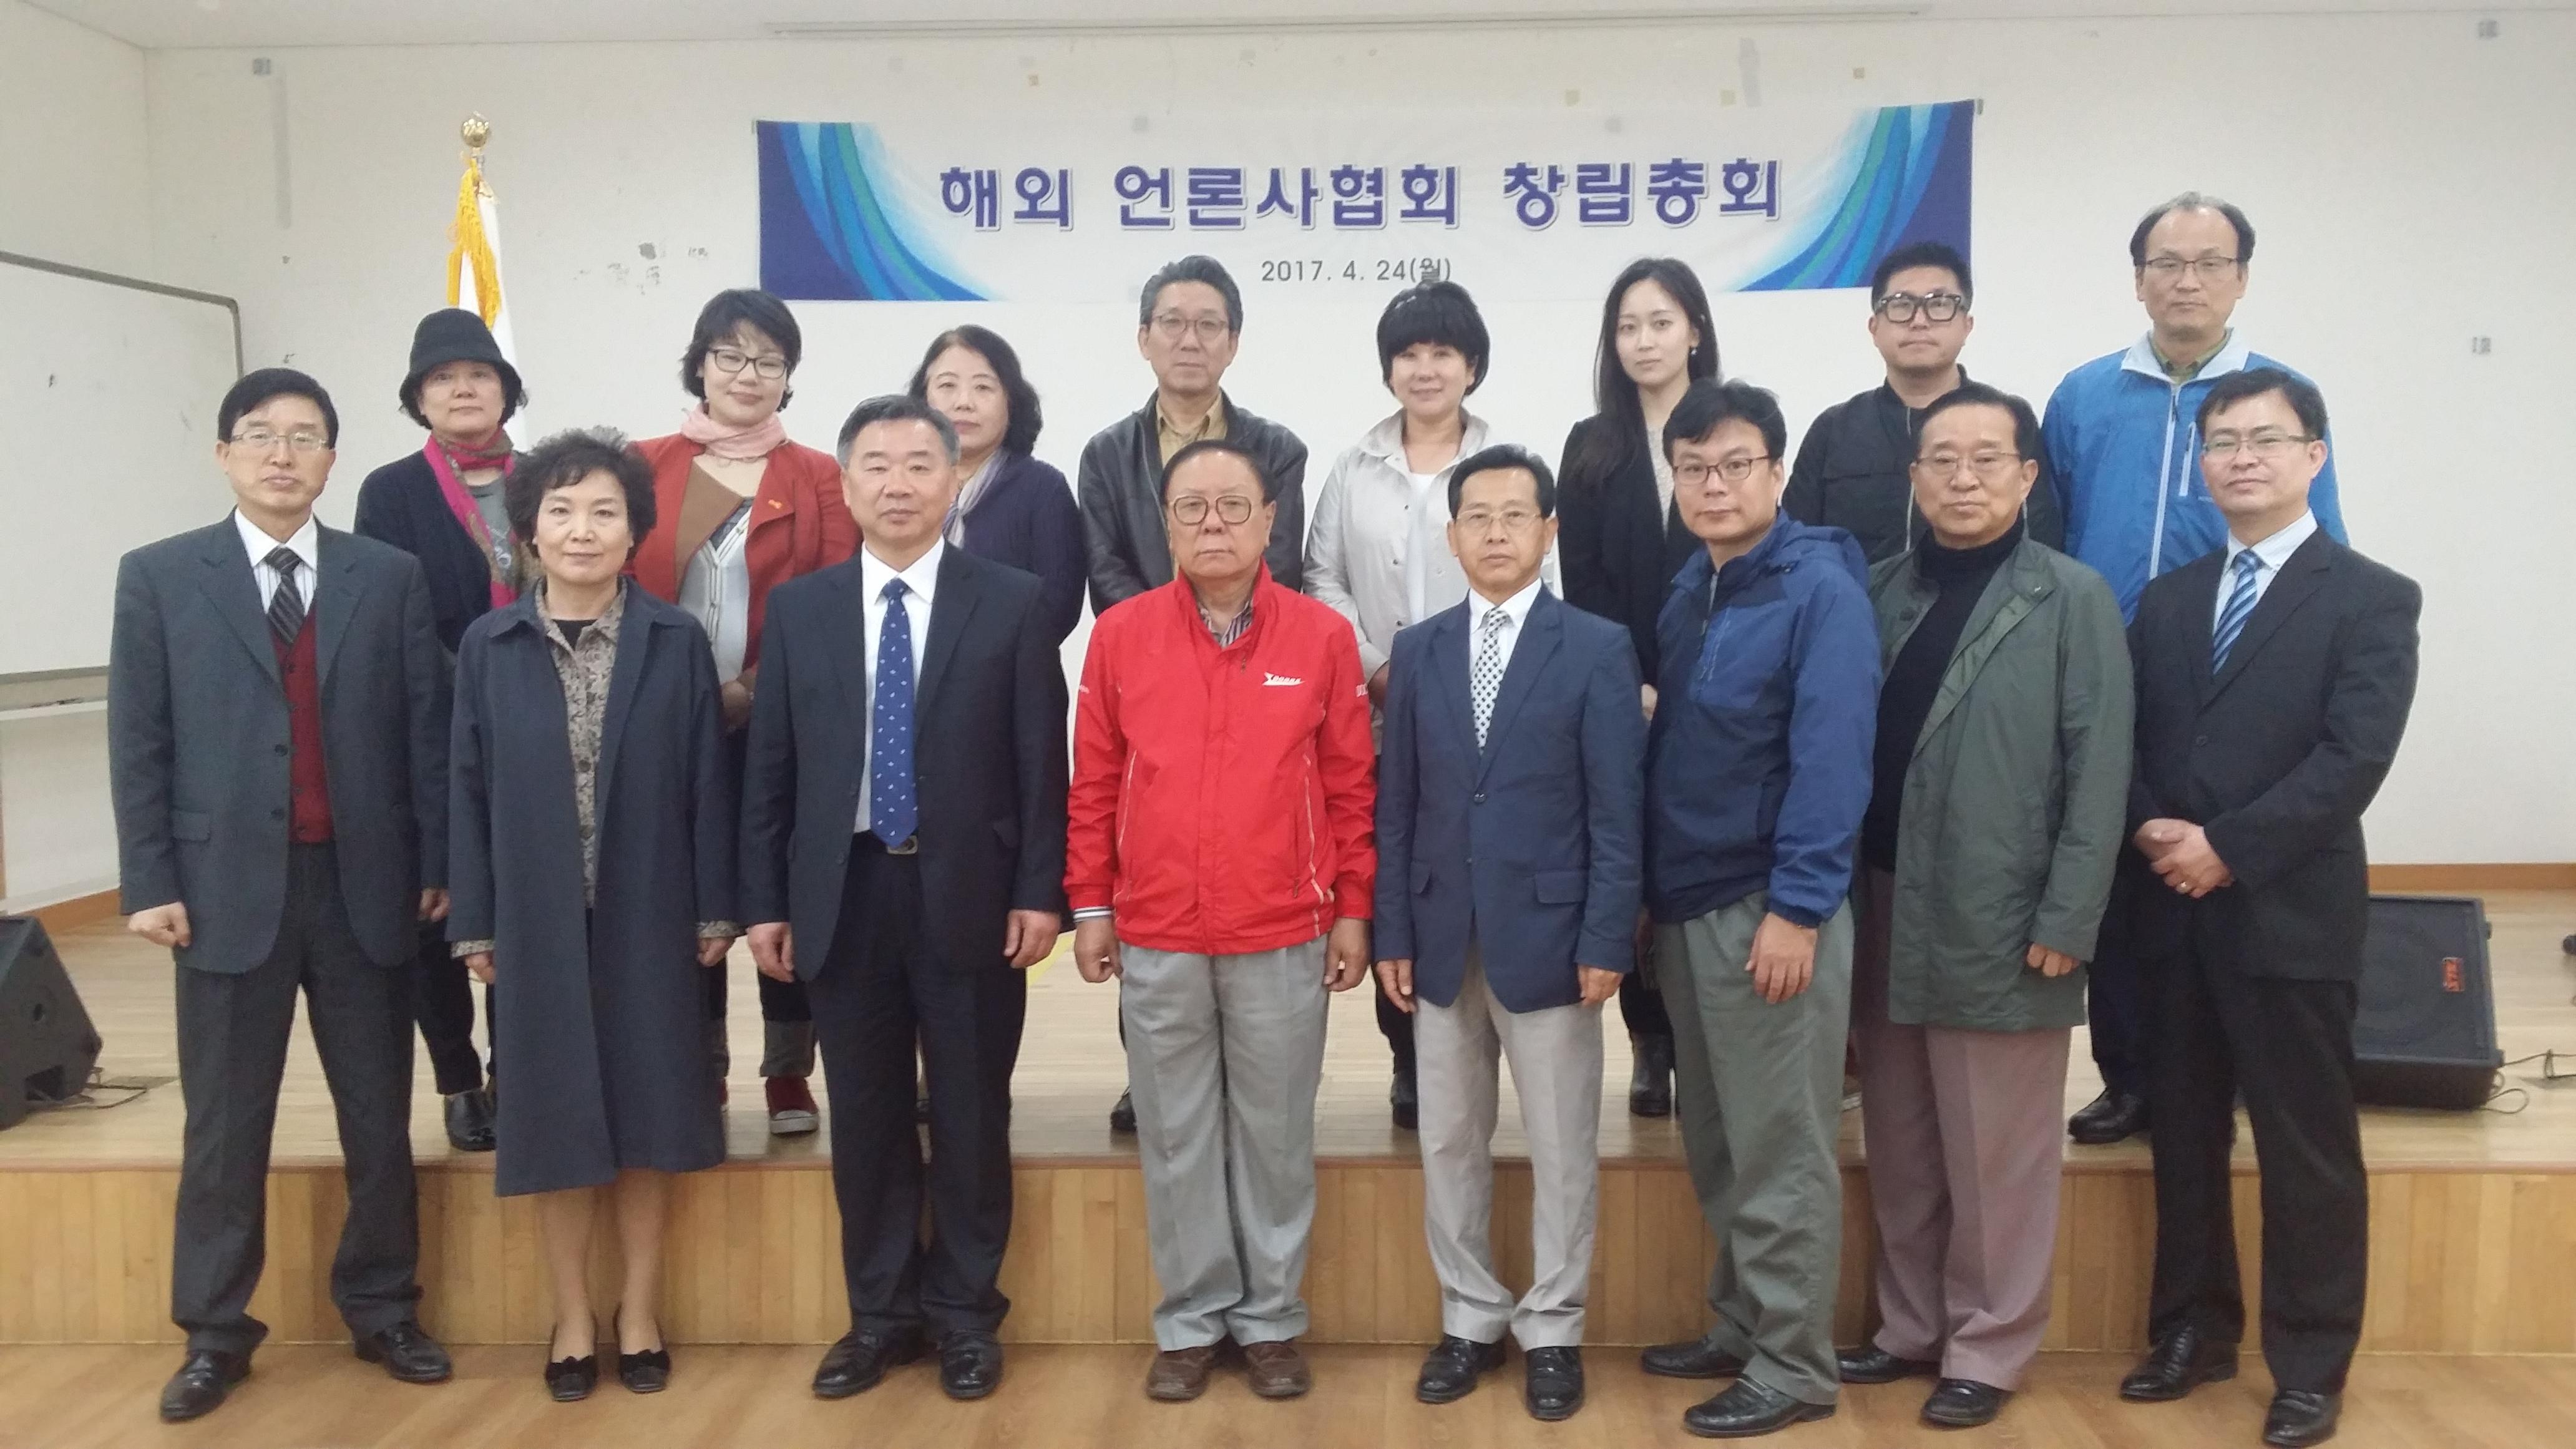 창립대회 단체 사진 1.JPG